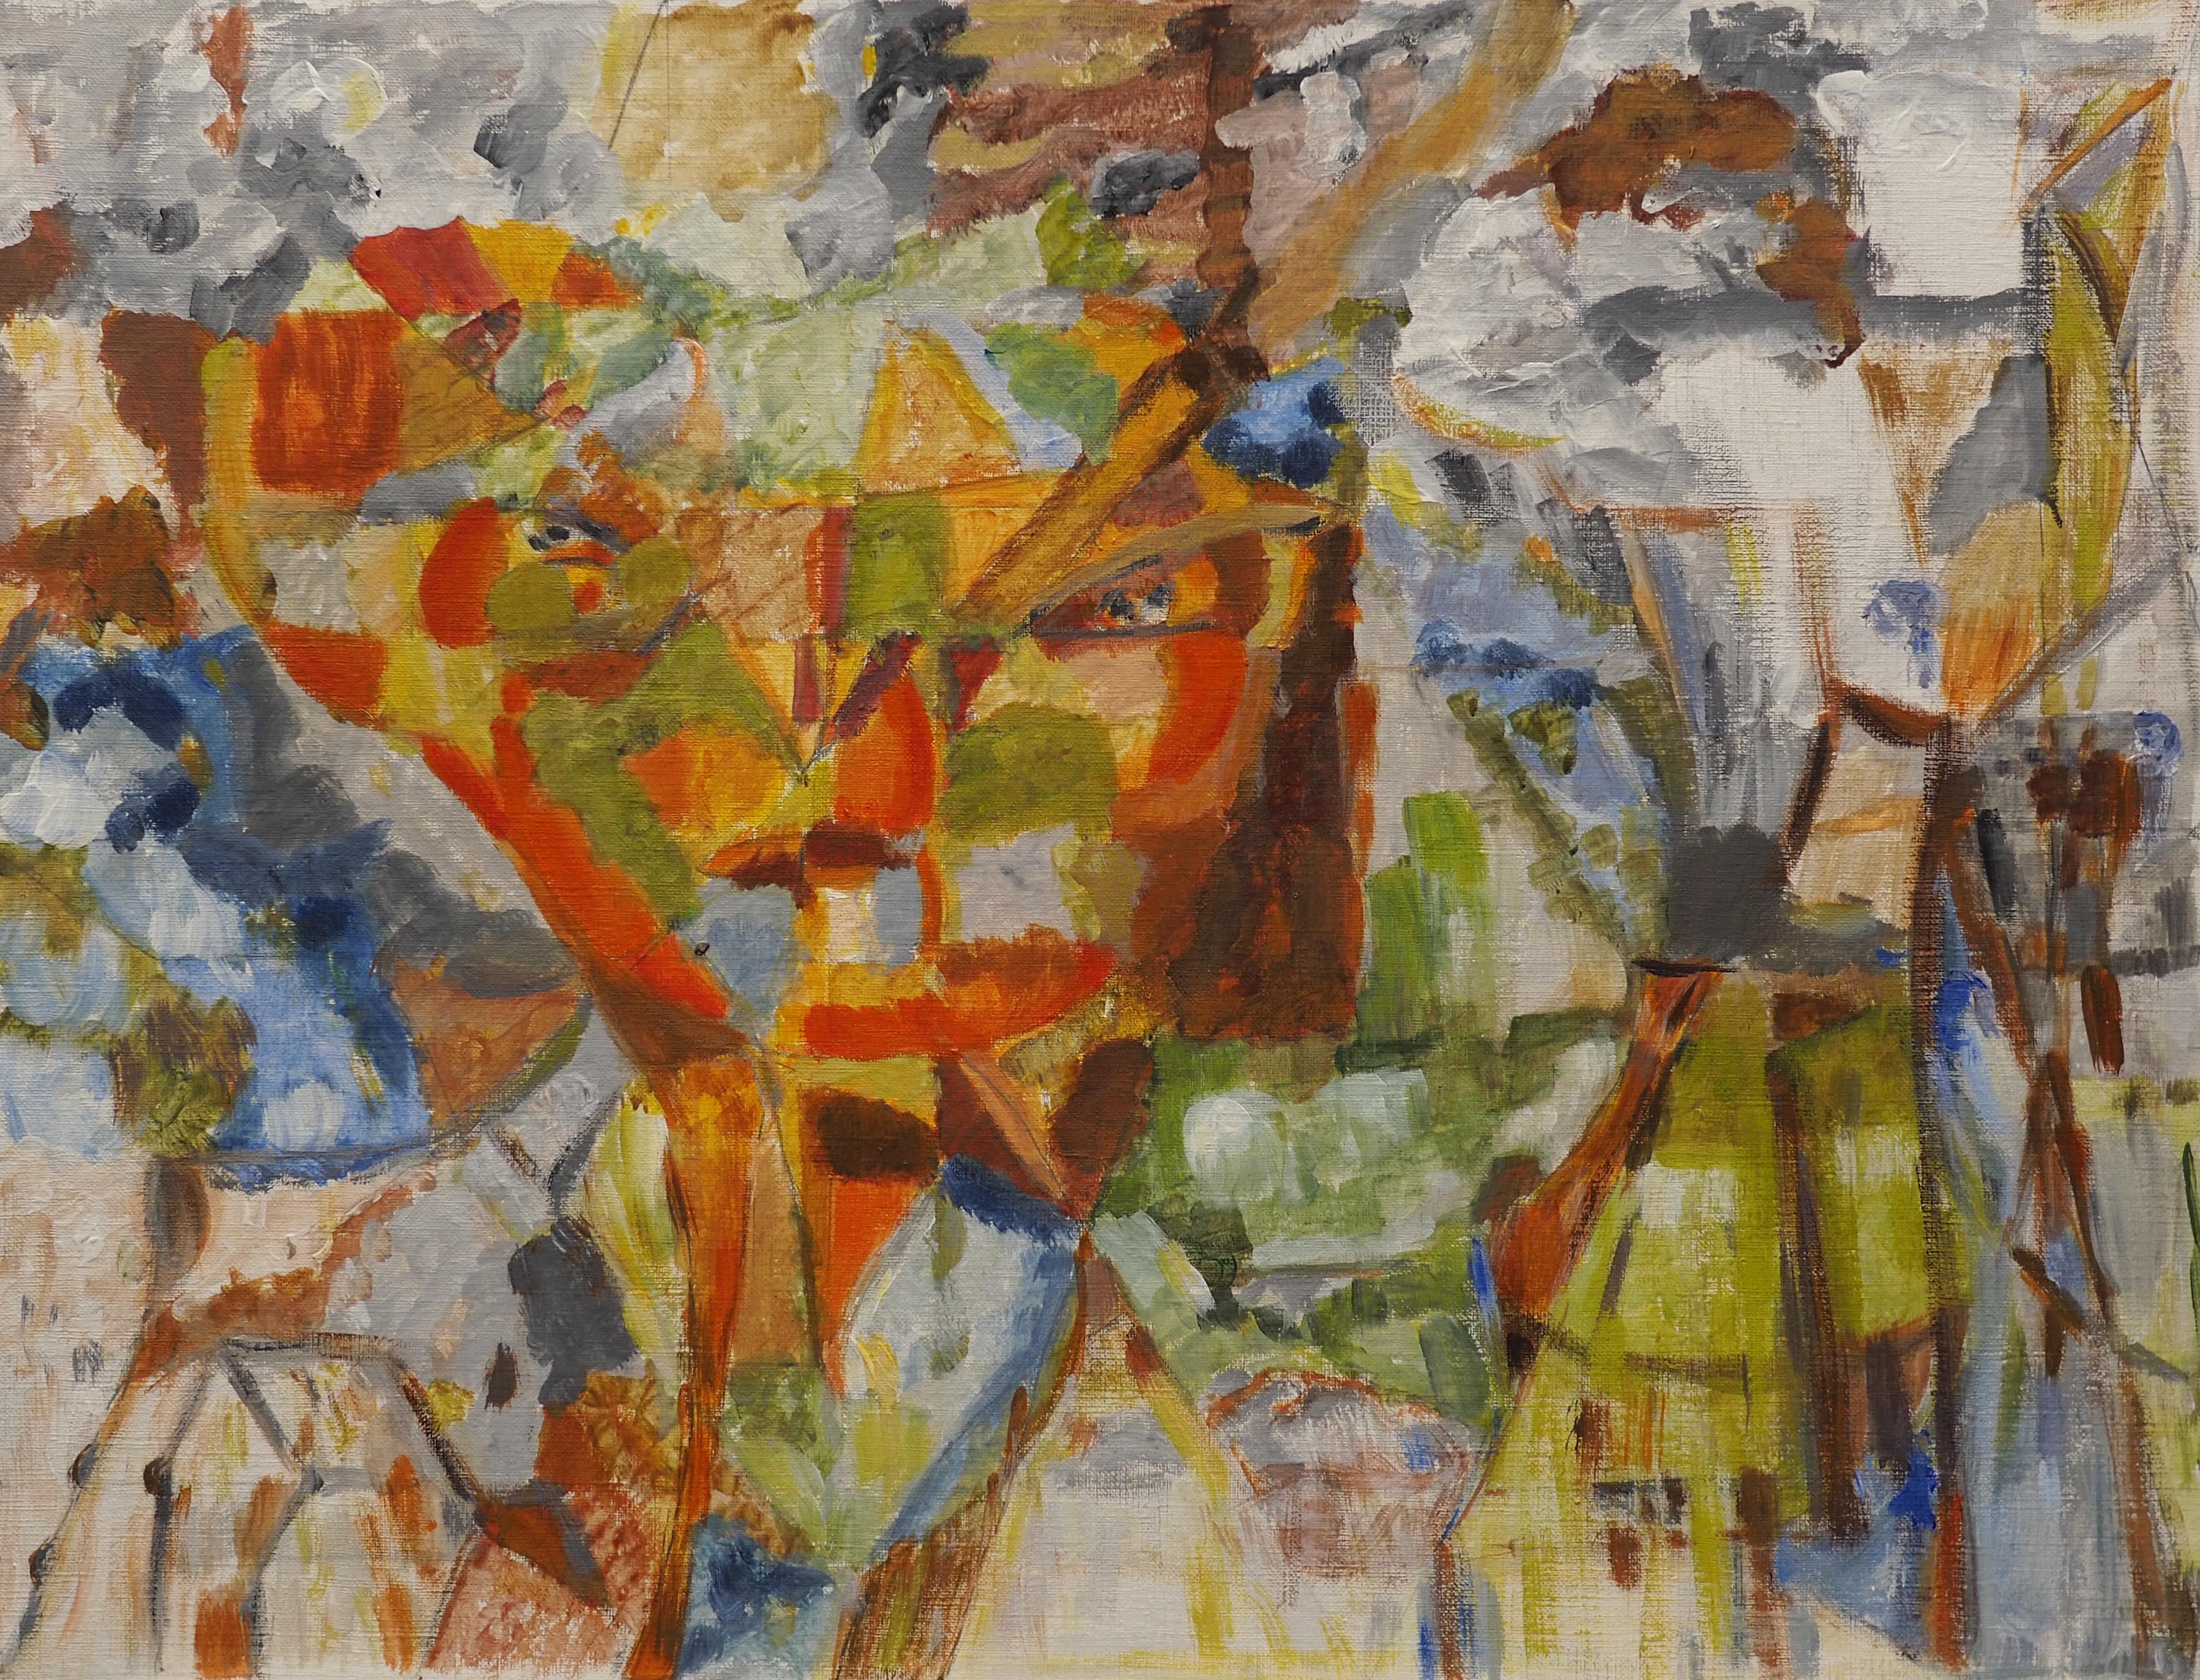 Souad Hsayen, 38x50